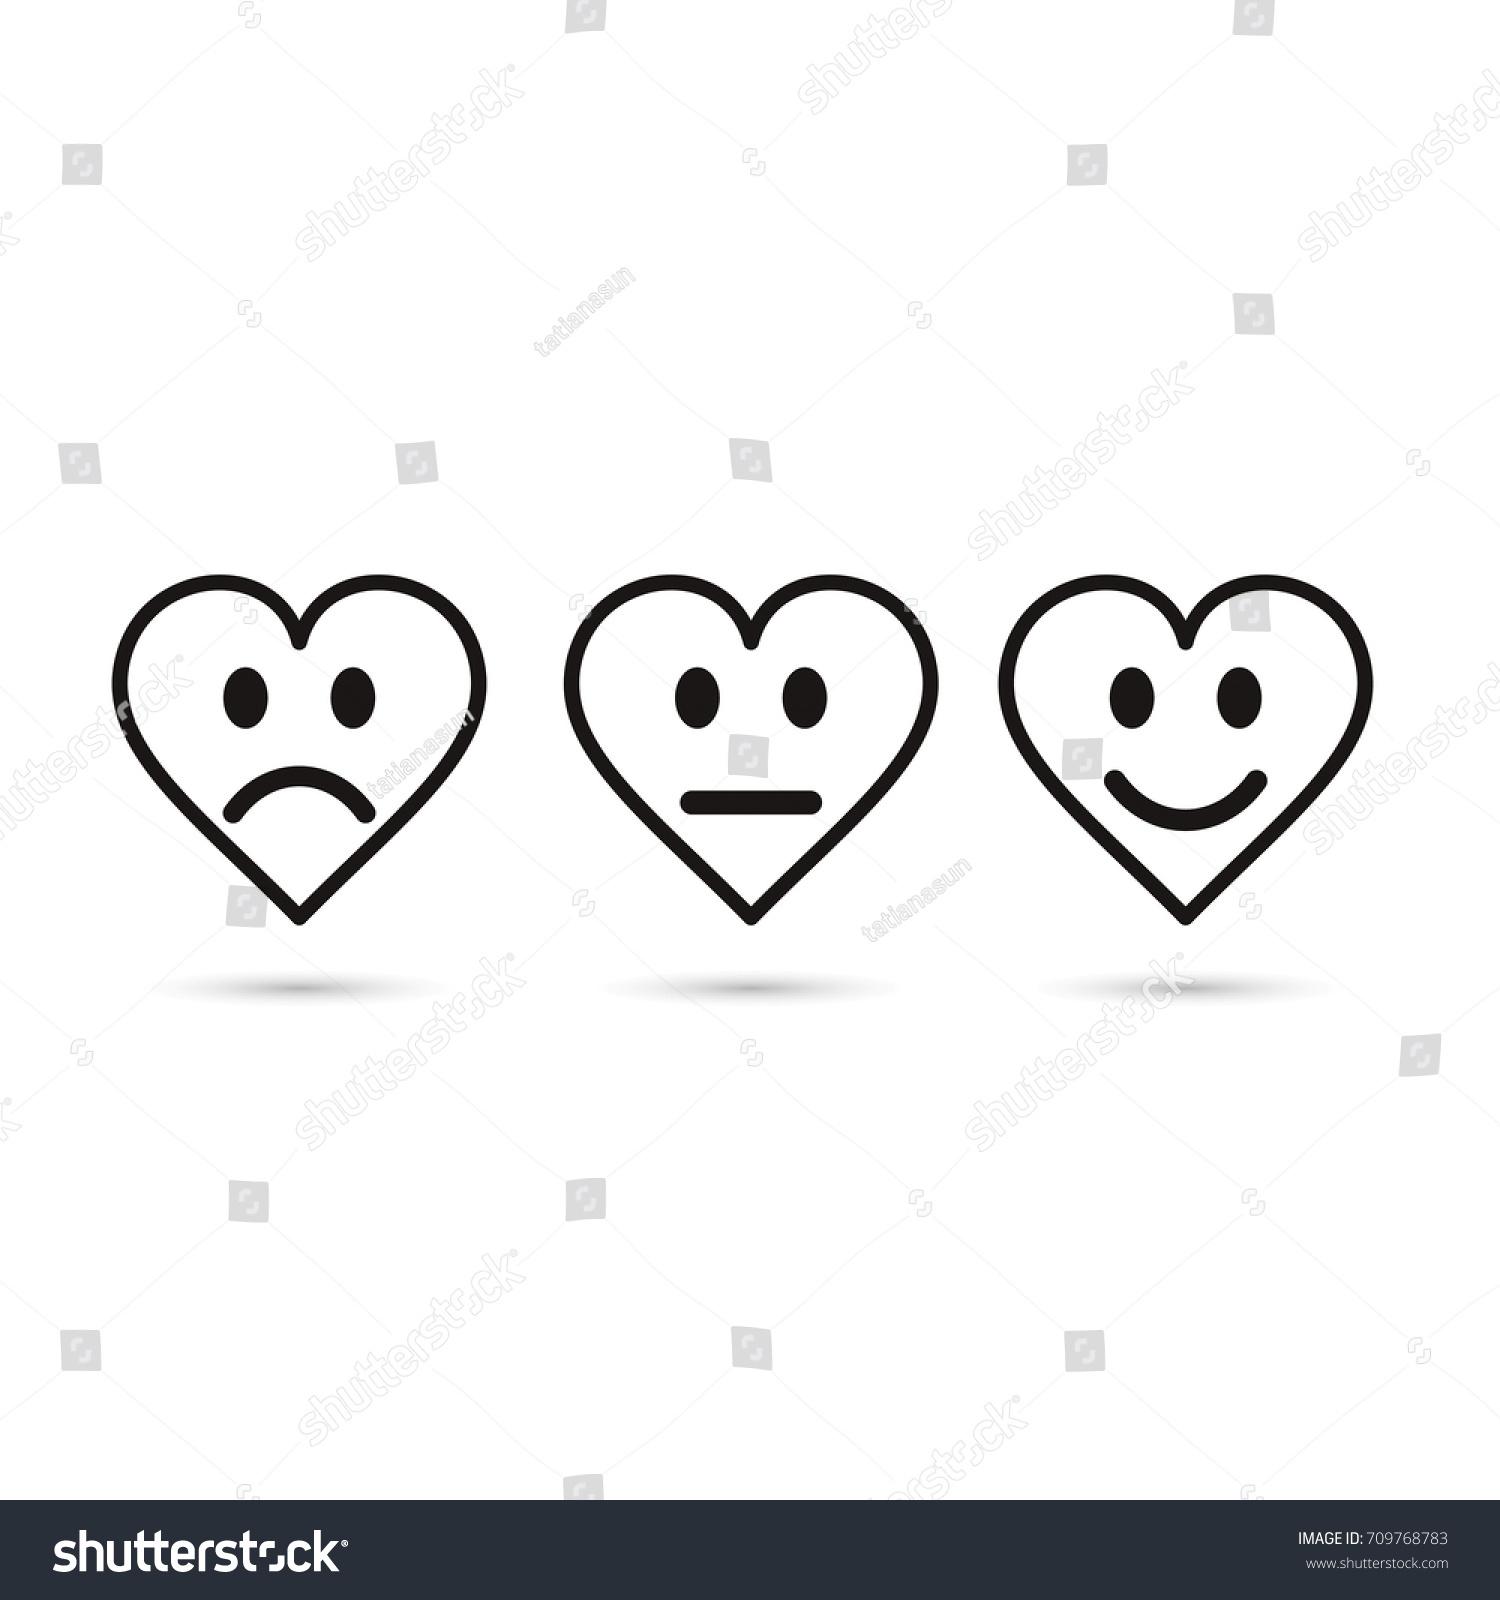 Heart Emoticon Evaluation Line Icon Feedback Stock Vector 2018